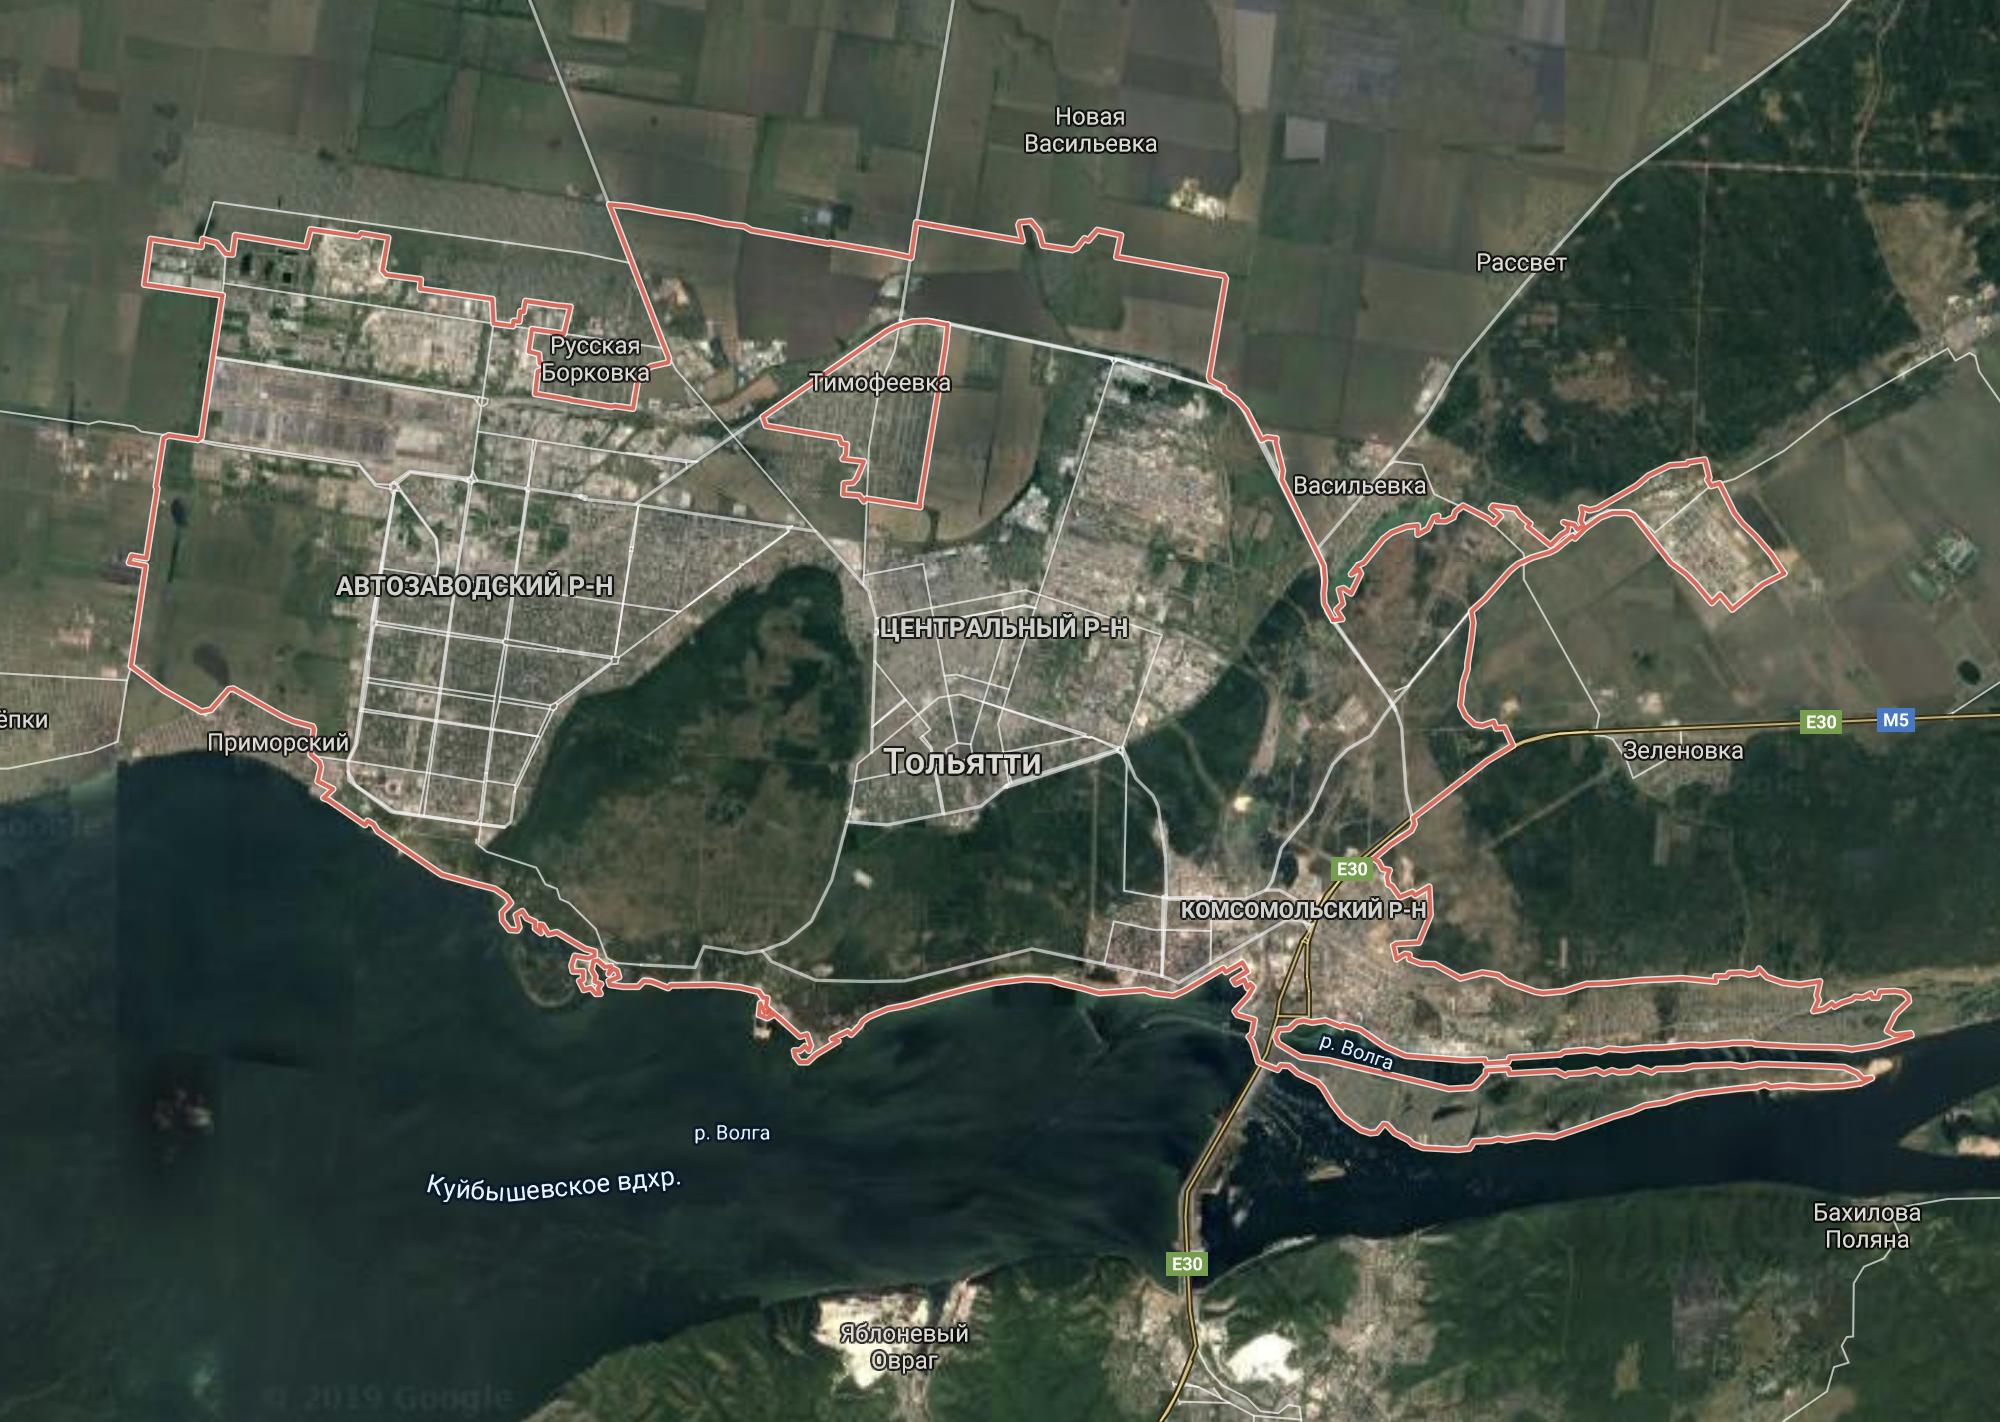 В черте города расположены леса, которые отделяют районы друг от друга. Вид со спутника в «Гугл-картах»